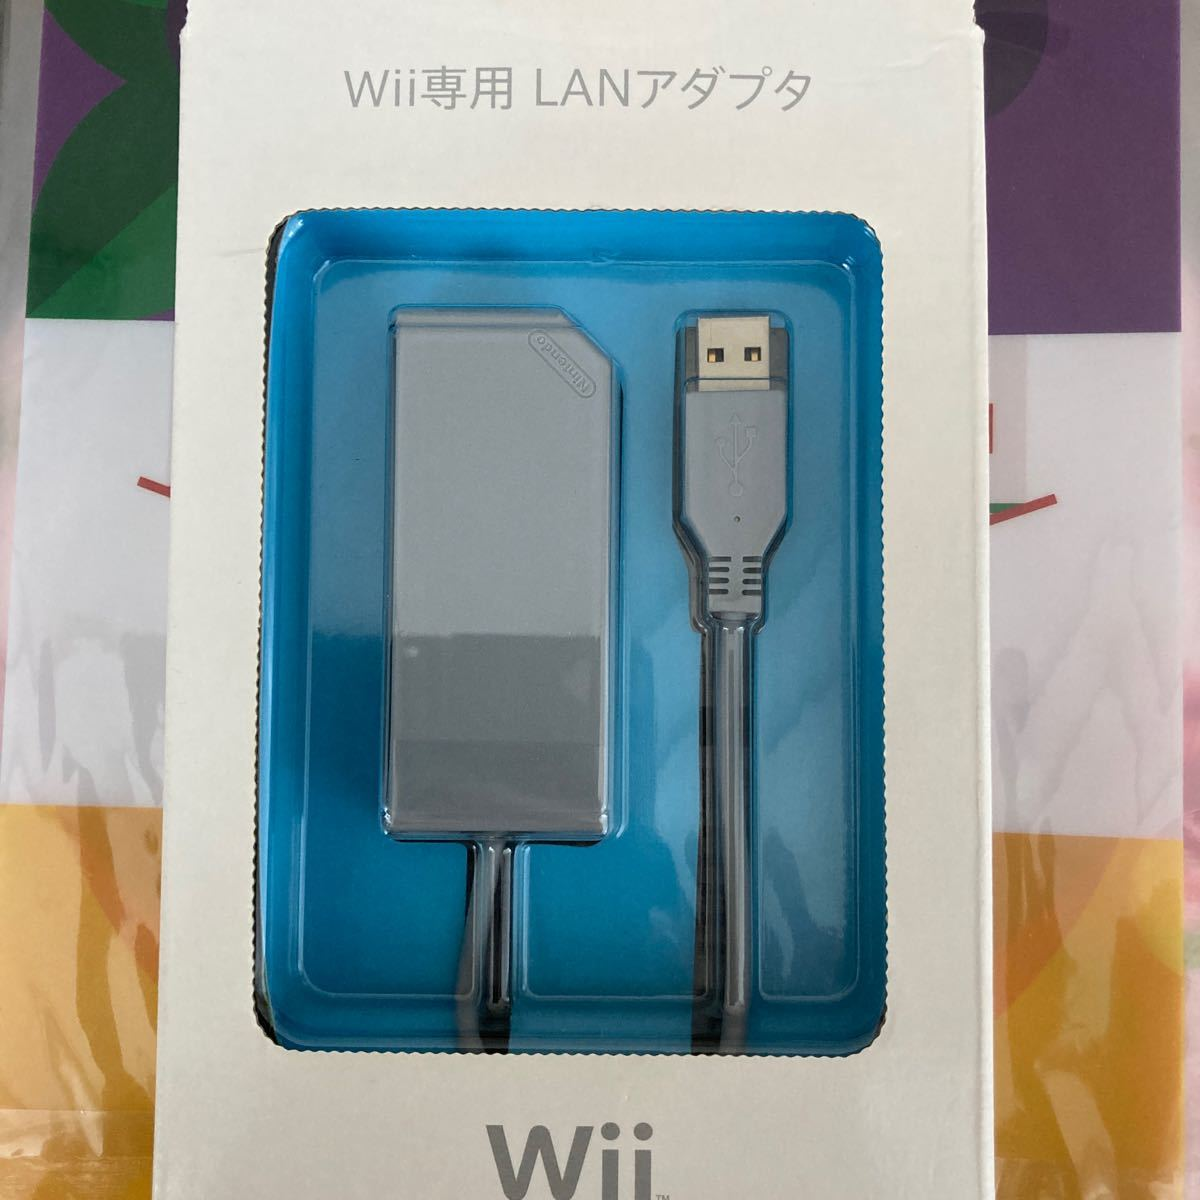 任天堂Wii専用LANアダプタ